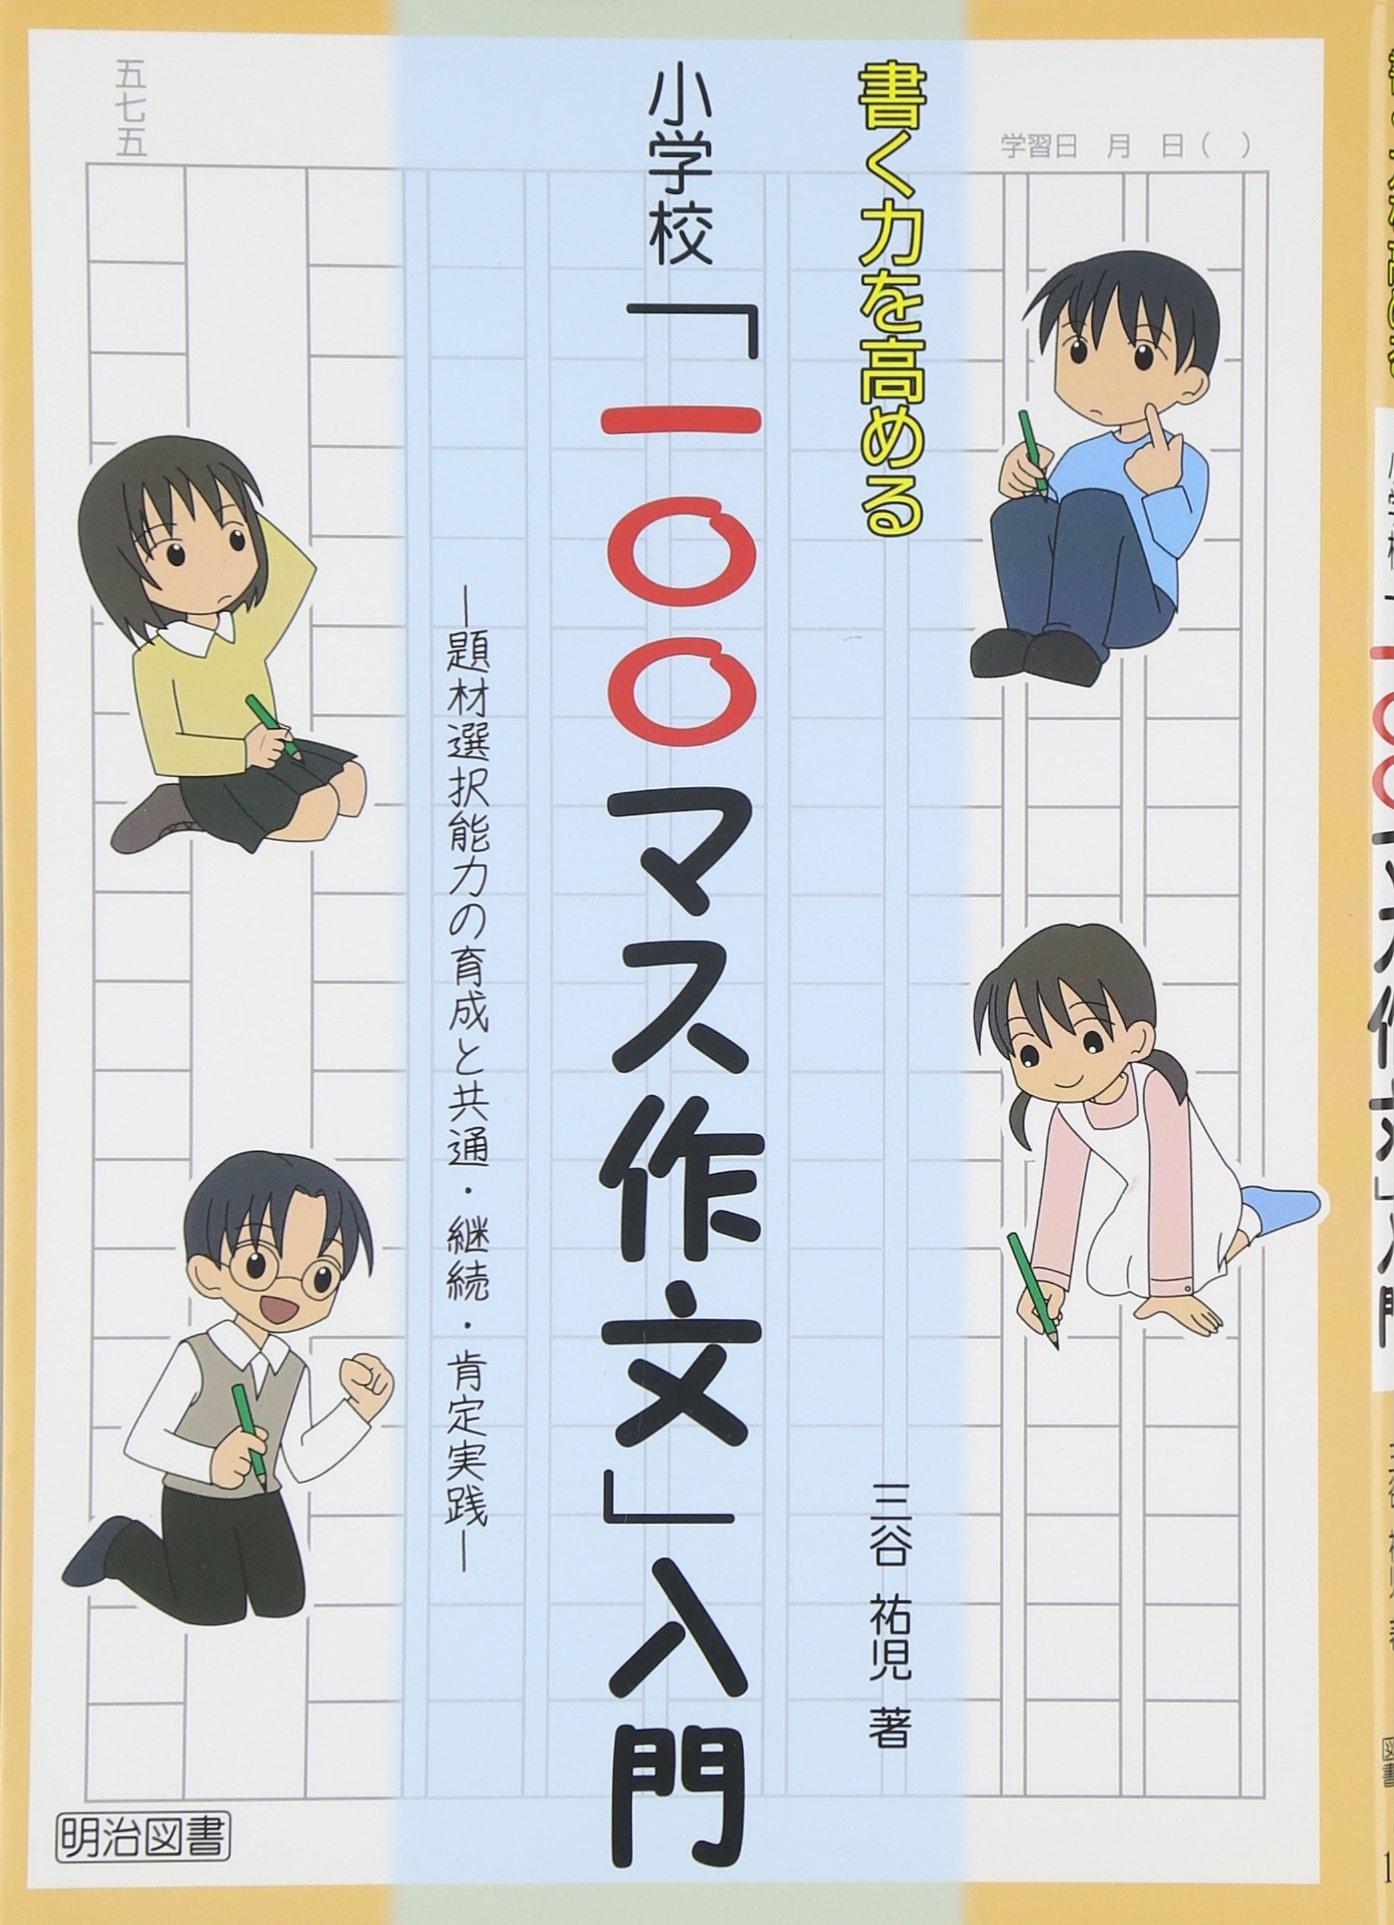 Download Kaku chikara o takameru shōgakkō hyakumasu sakubun nyūmon : Daizai sentaku nōryoku no ikusei to kyōtsū keizoku kōtei jissen pdf epub